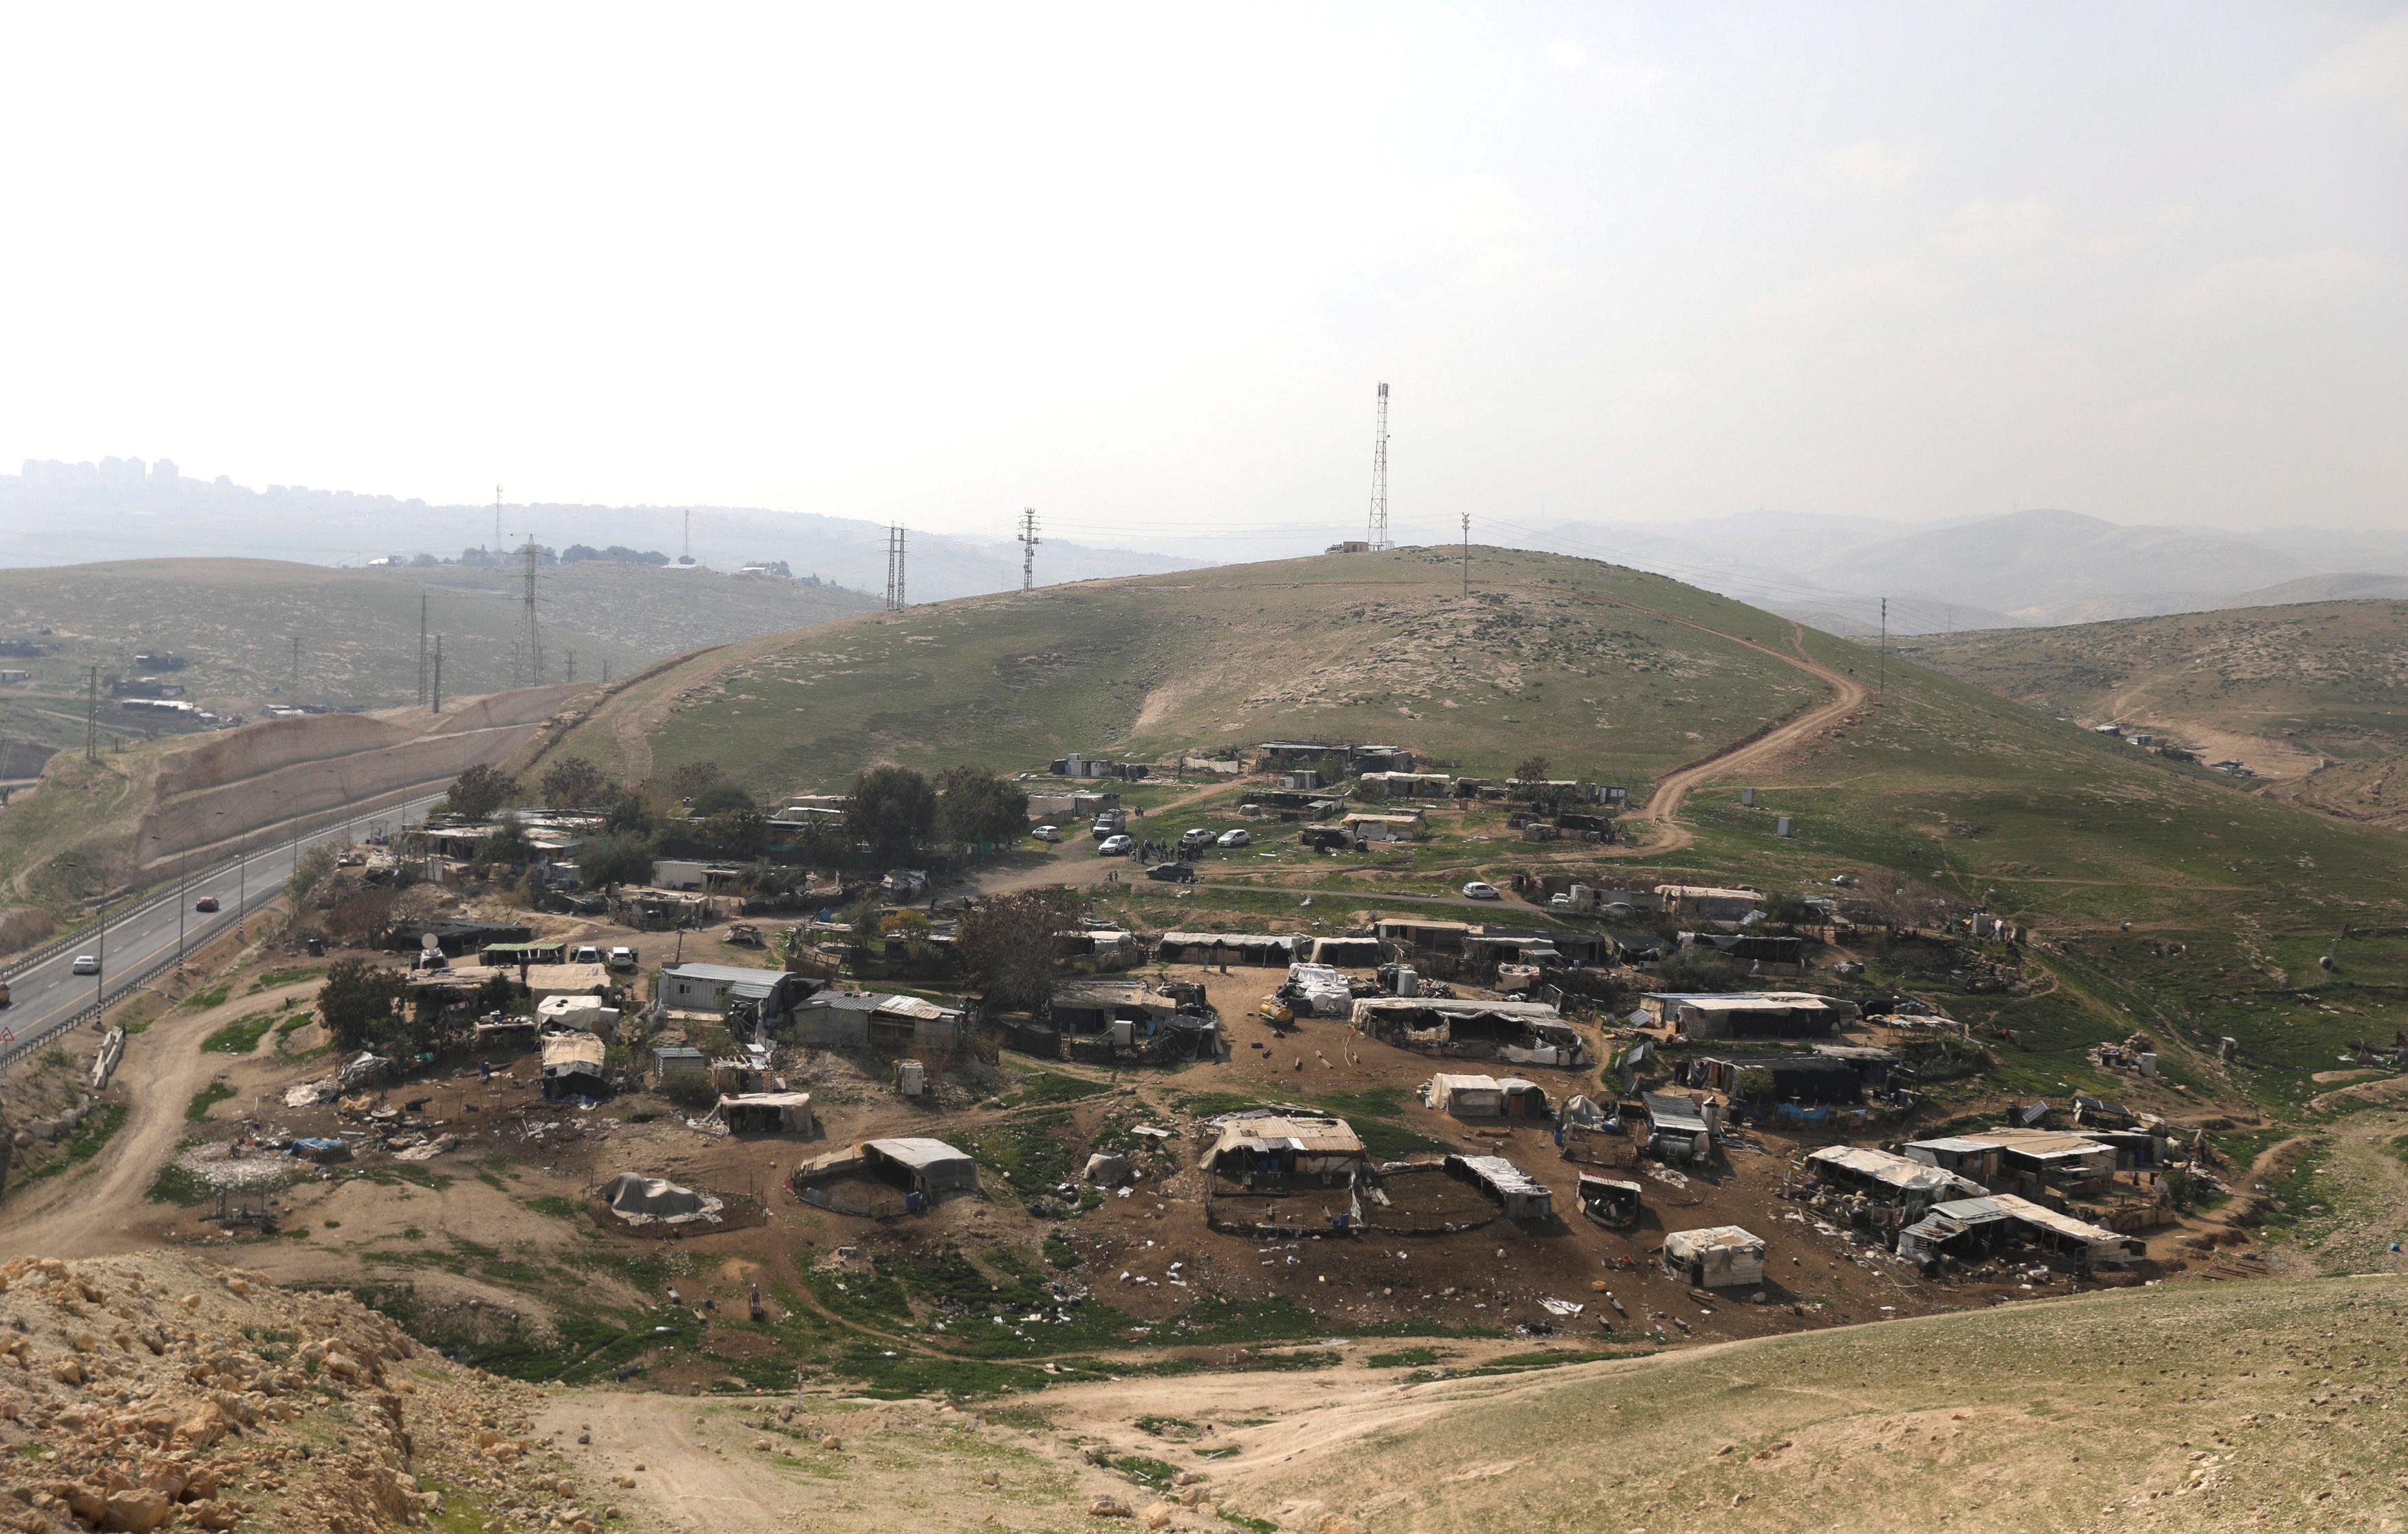 FILE PHOTO: Dwellings belongings to Bedouin are seen in al-Khan al-Ahmar village near the West Bank city of Jericho February 23, 2017. REUTERS/Ammar Awad/File Photo